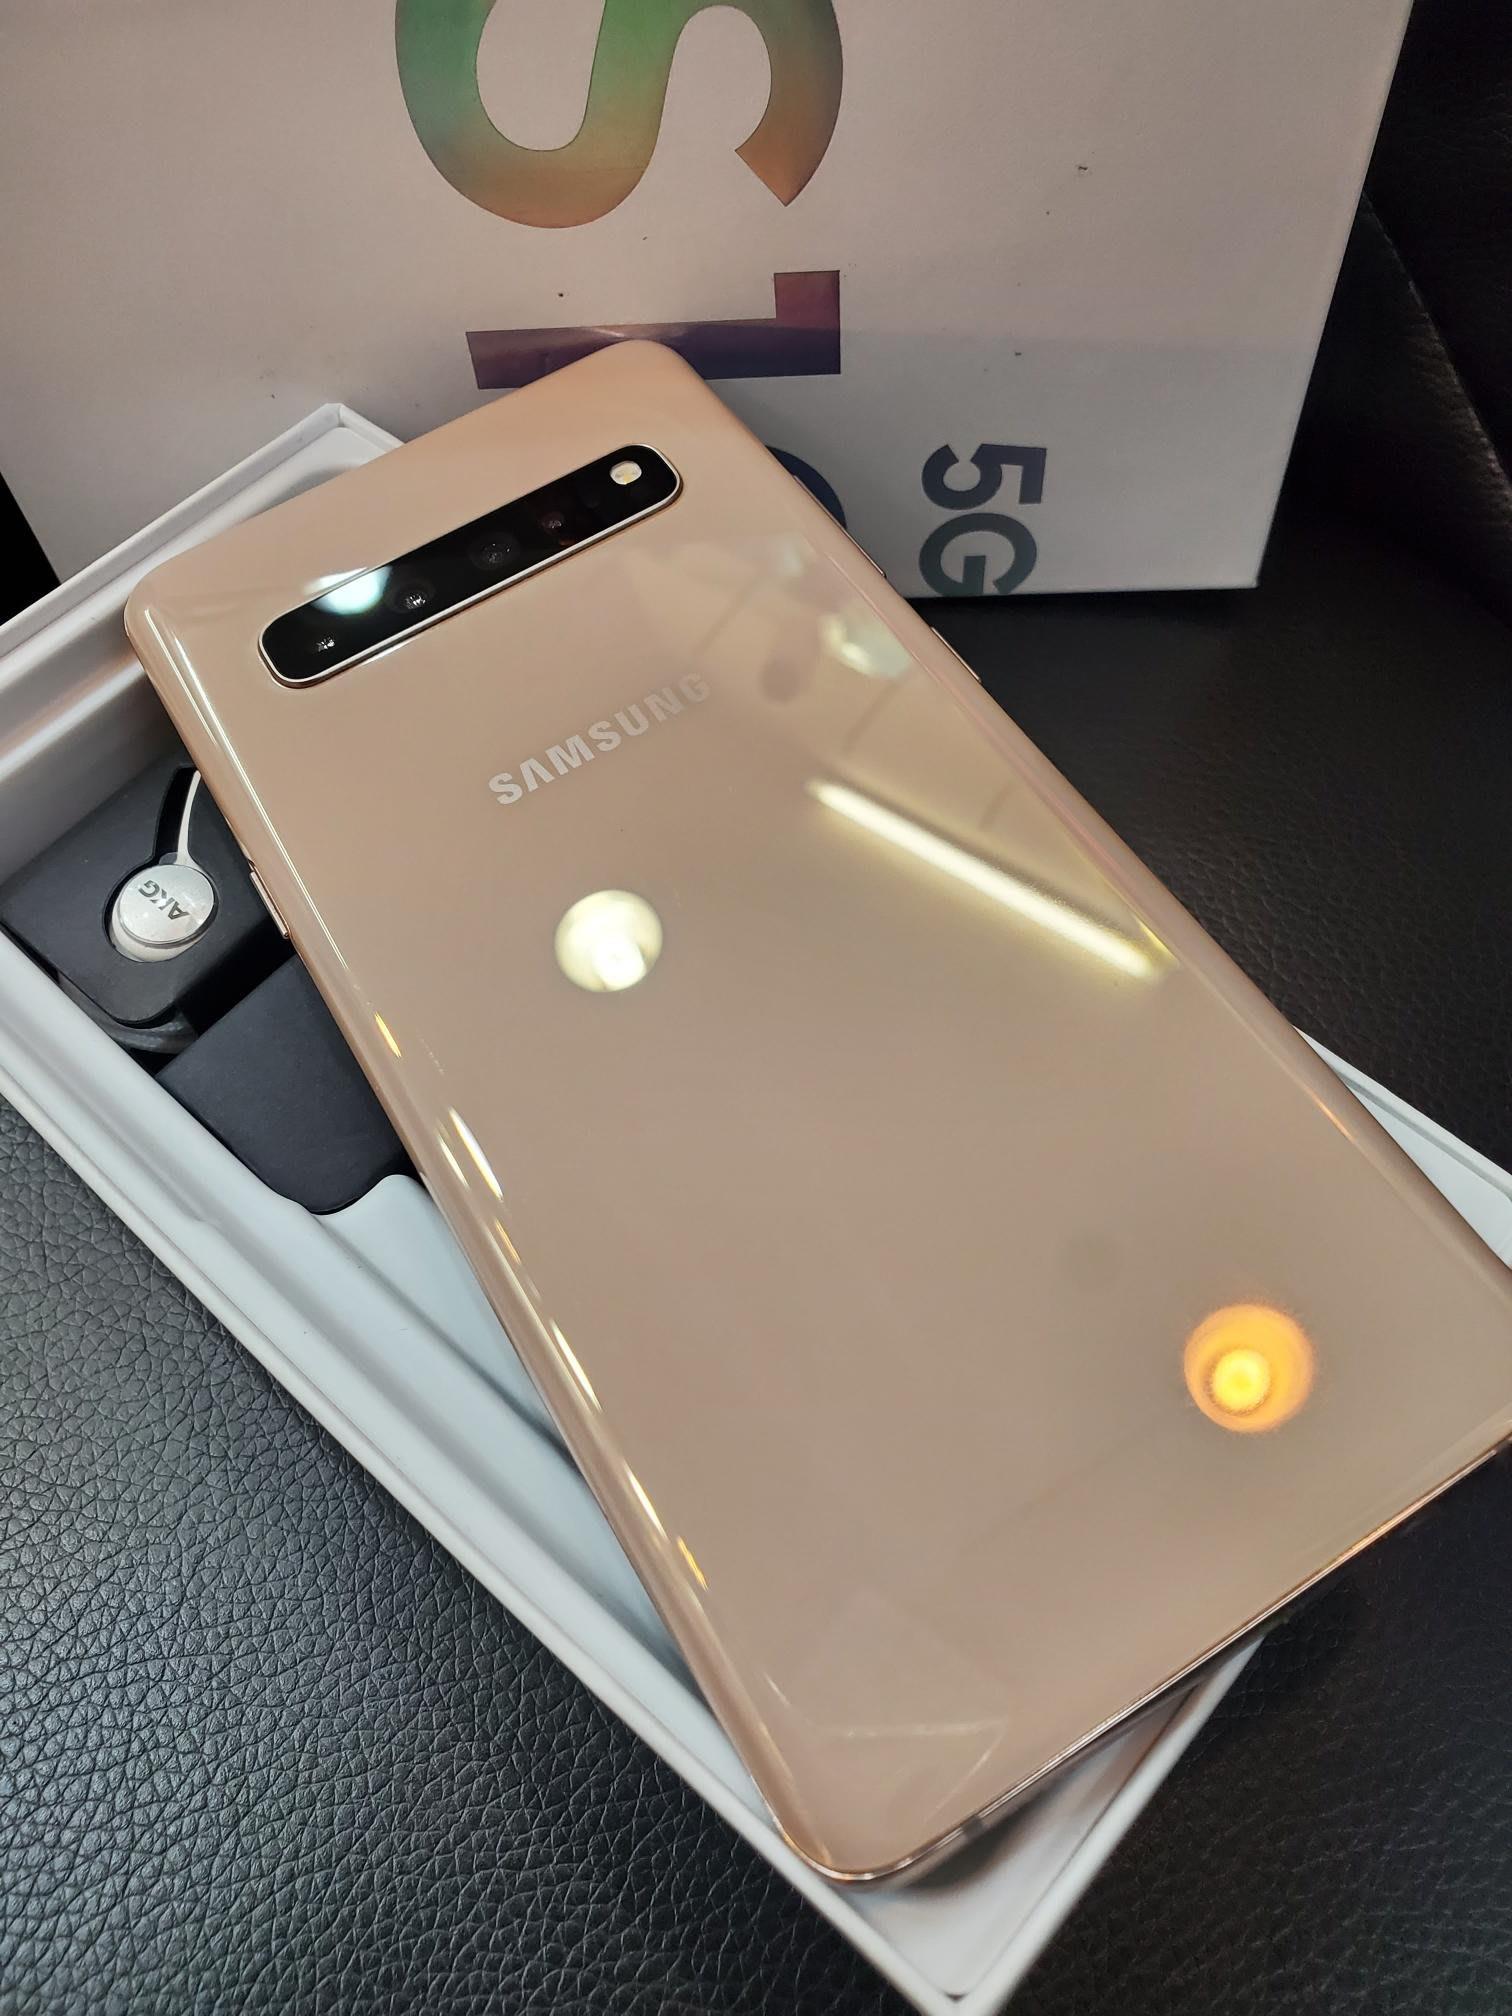 貳樓 西門町 三星 Galaxy S10 5G版 256G 送玻璃貼 空壓殼 國際版 二手福利 台灣未上市 盒裝完整